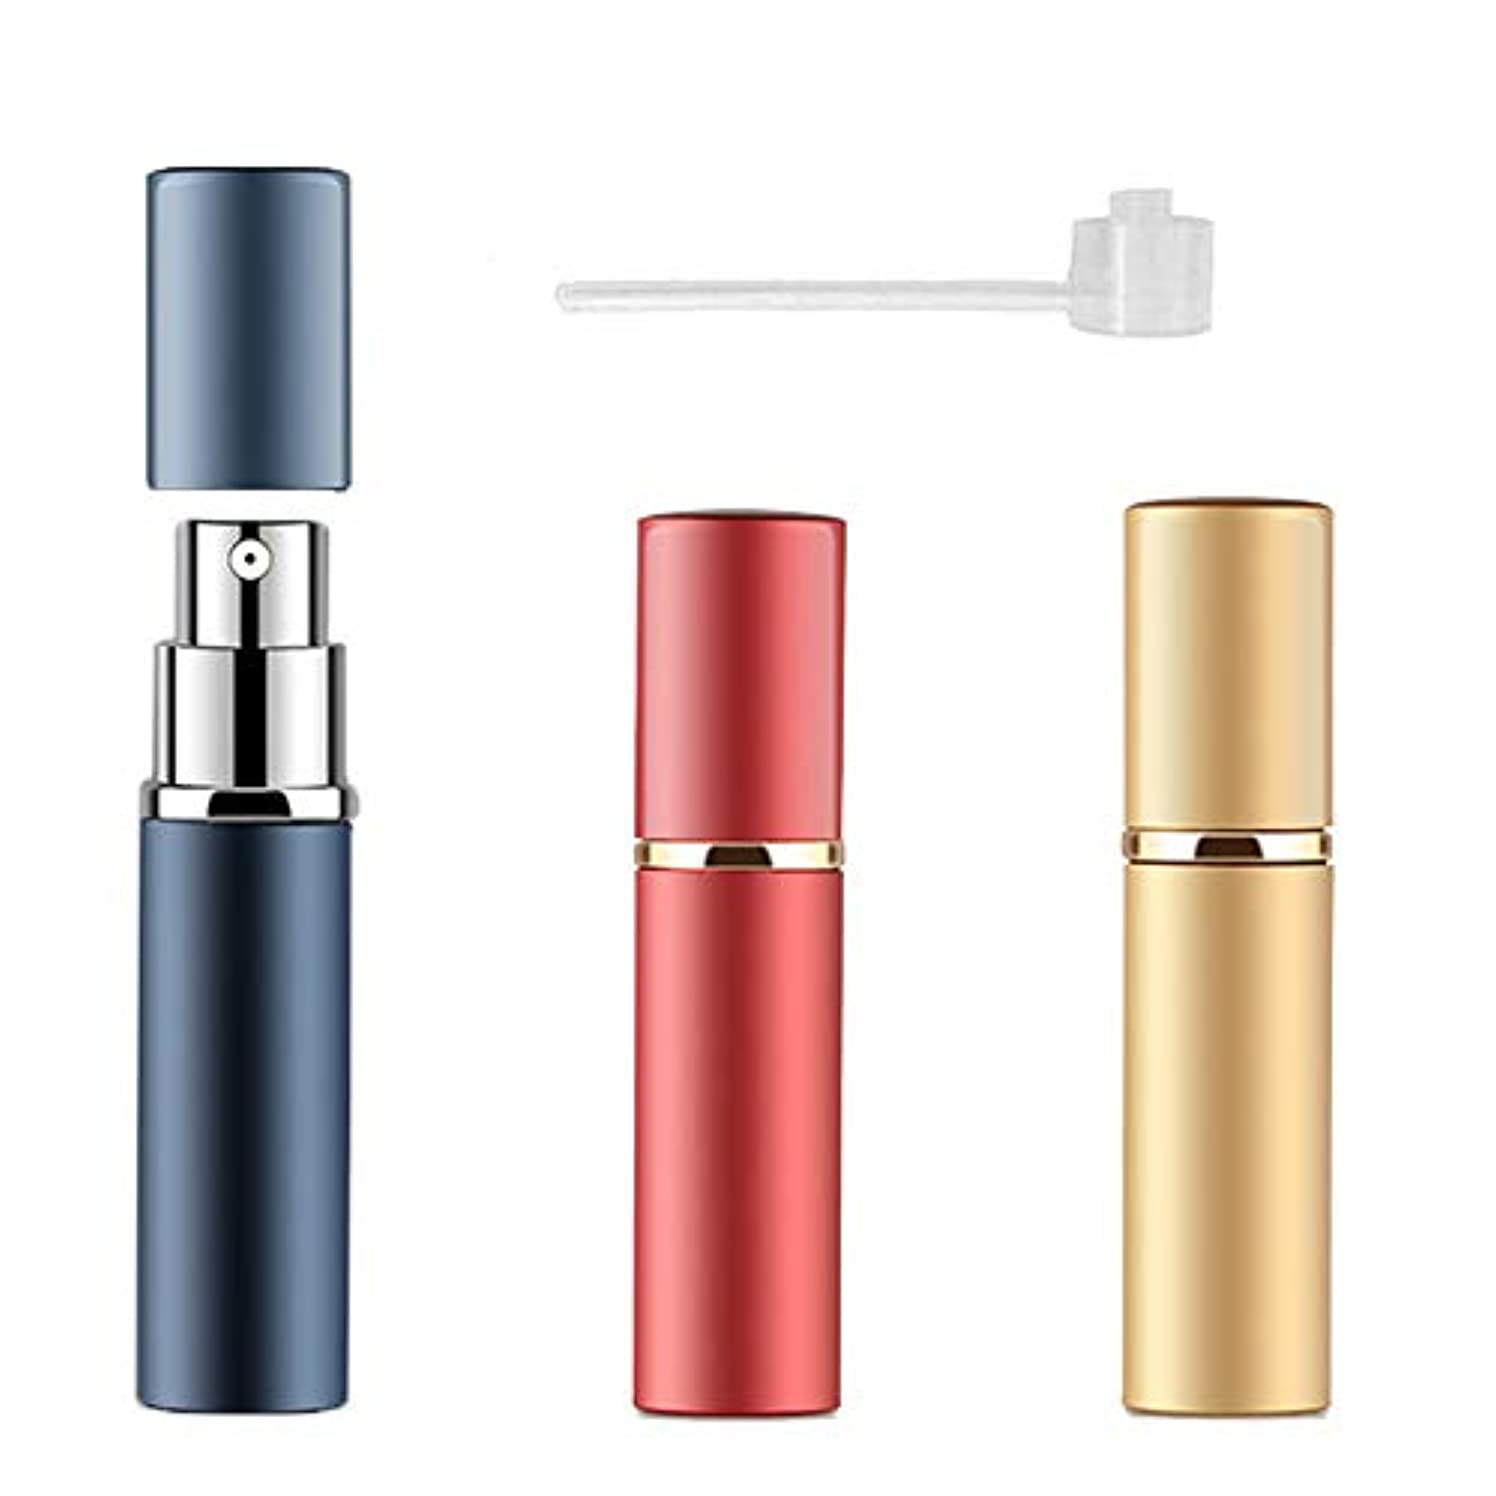 蒸留する必要十分ではないアトマイザー 香水 詰め替え容器 スプレーボトル 小分けボトル トラベルボトル 旅行携帯便利 (3色セット)